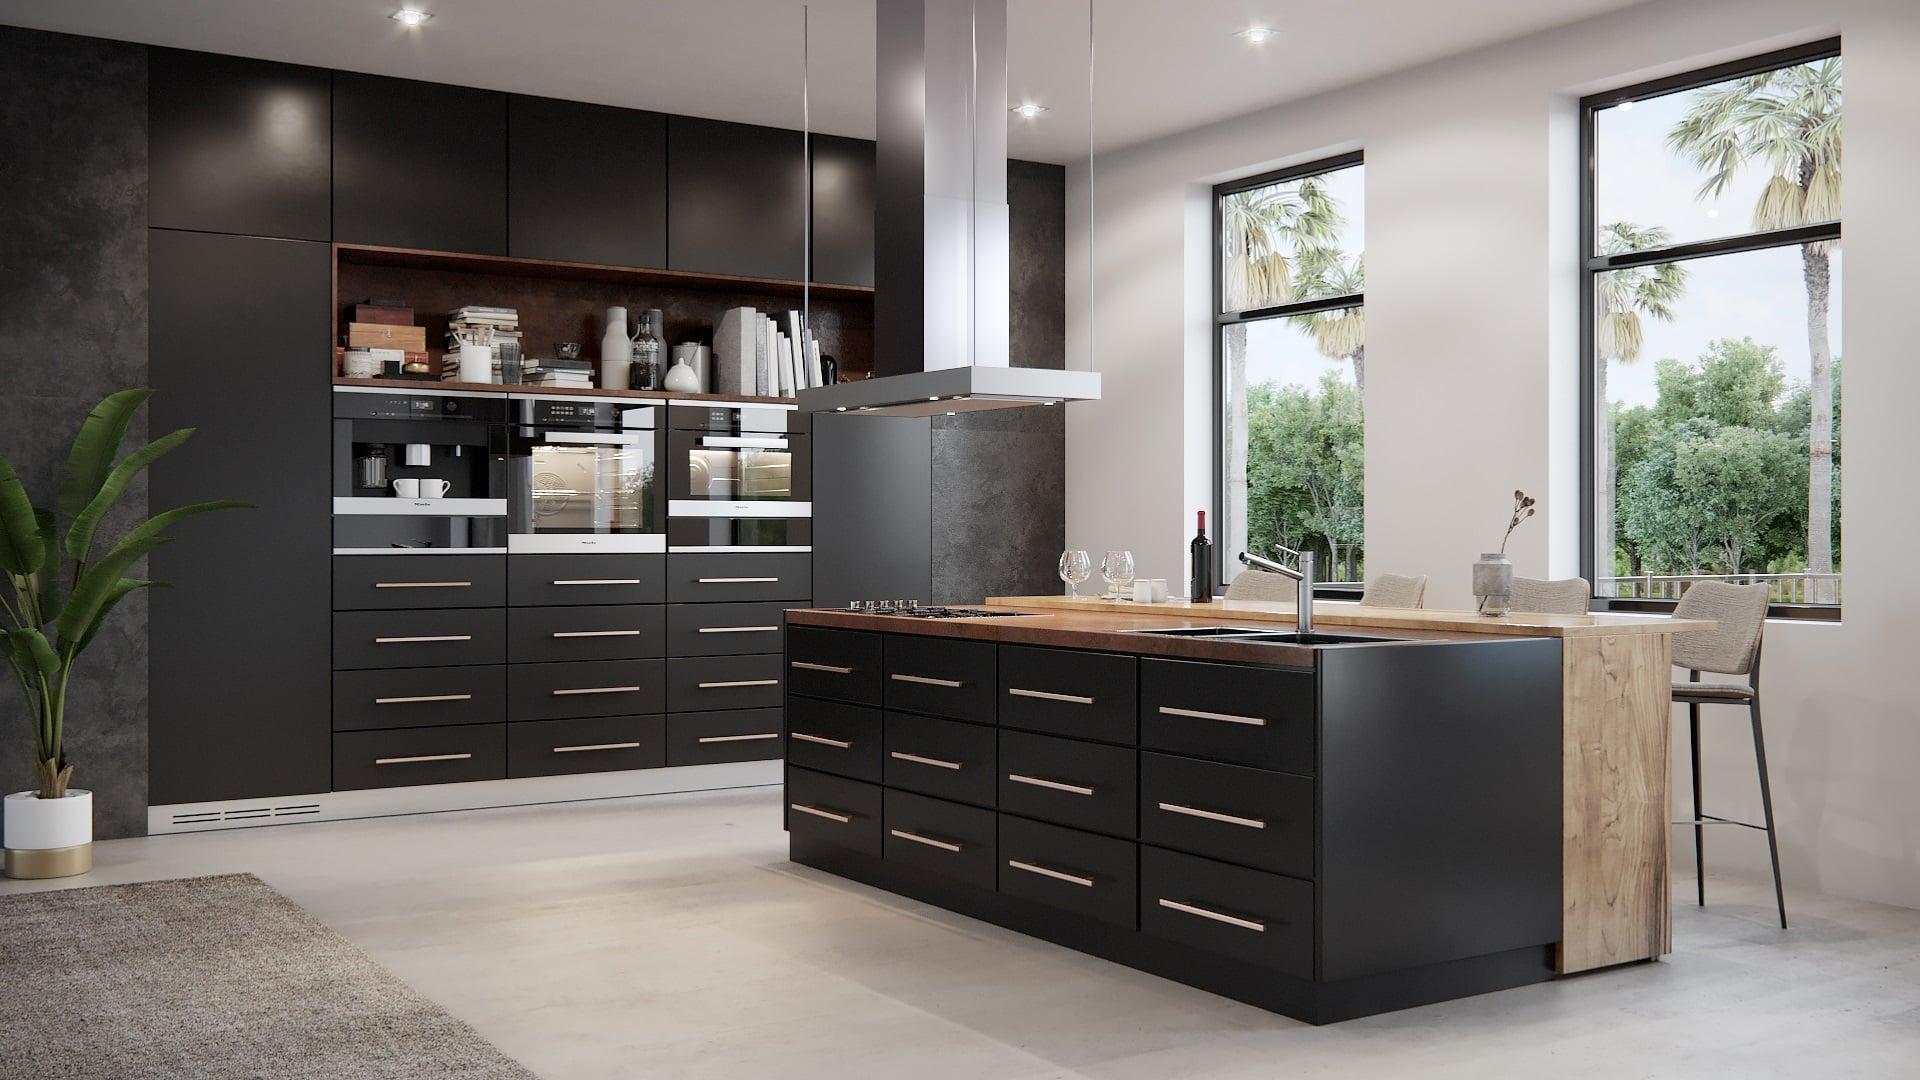 מטבחים קלאסיים - צבע שחור עץ מלא, שילוב משטח עבודה מעץ